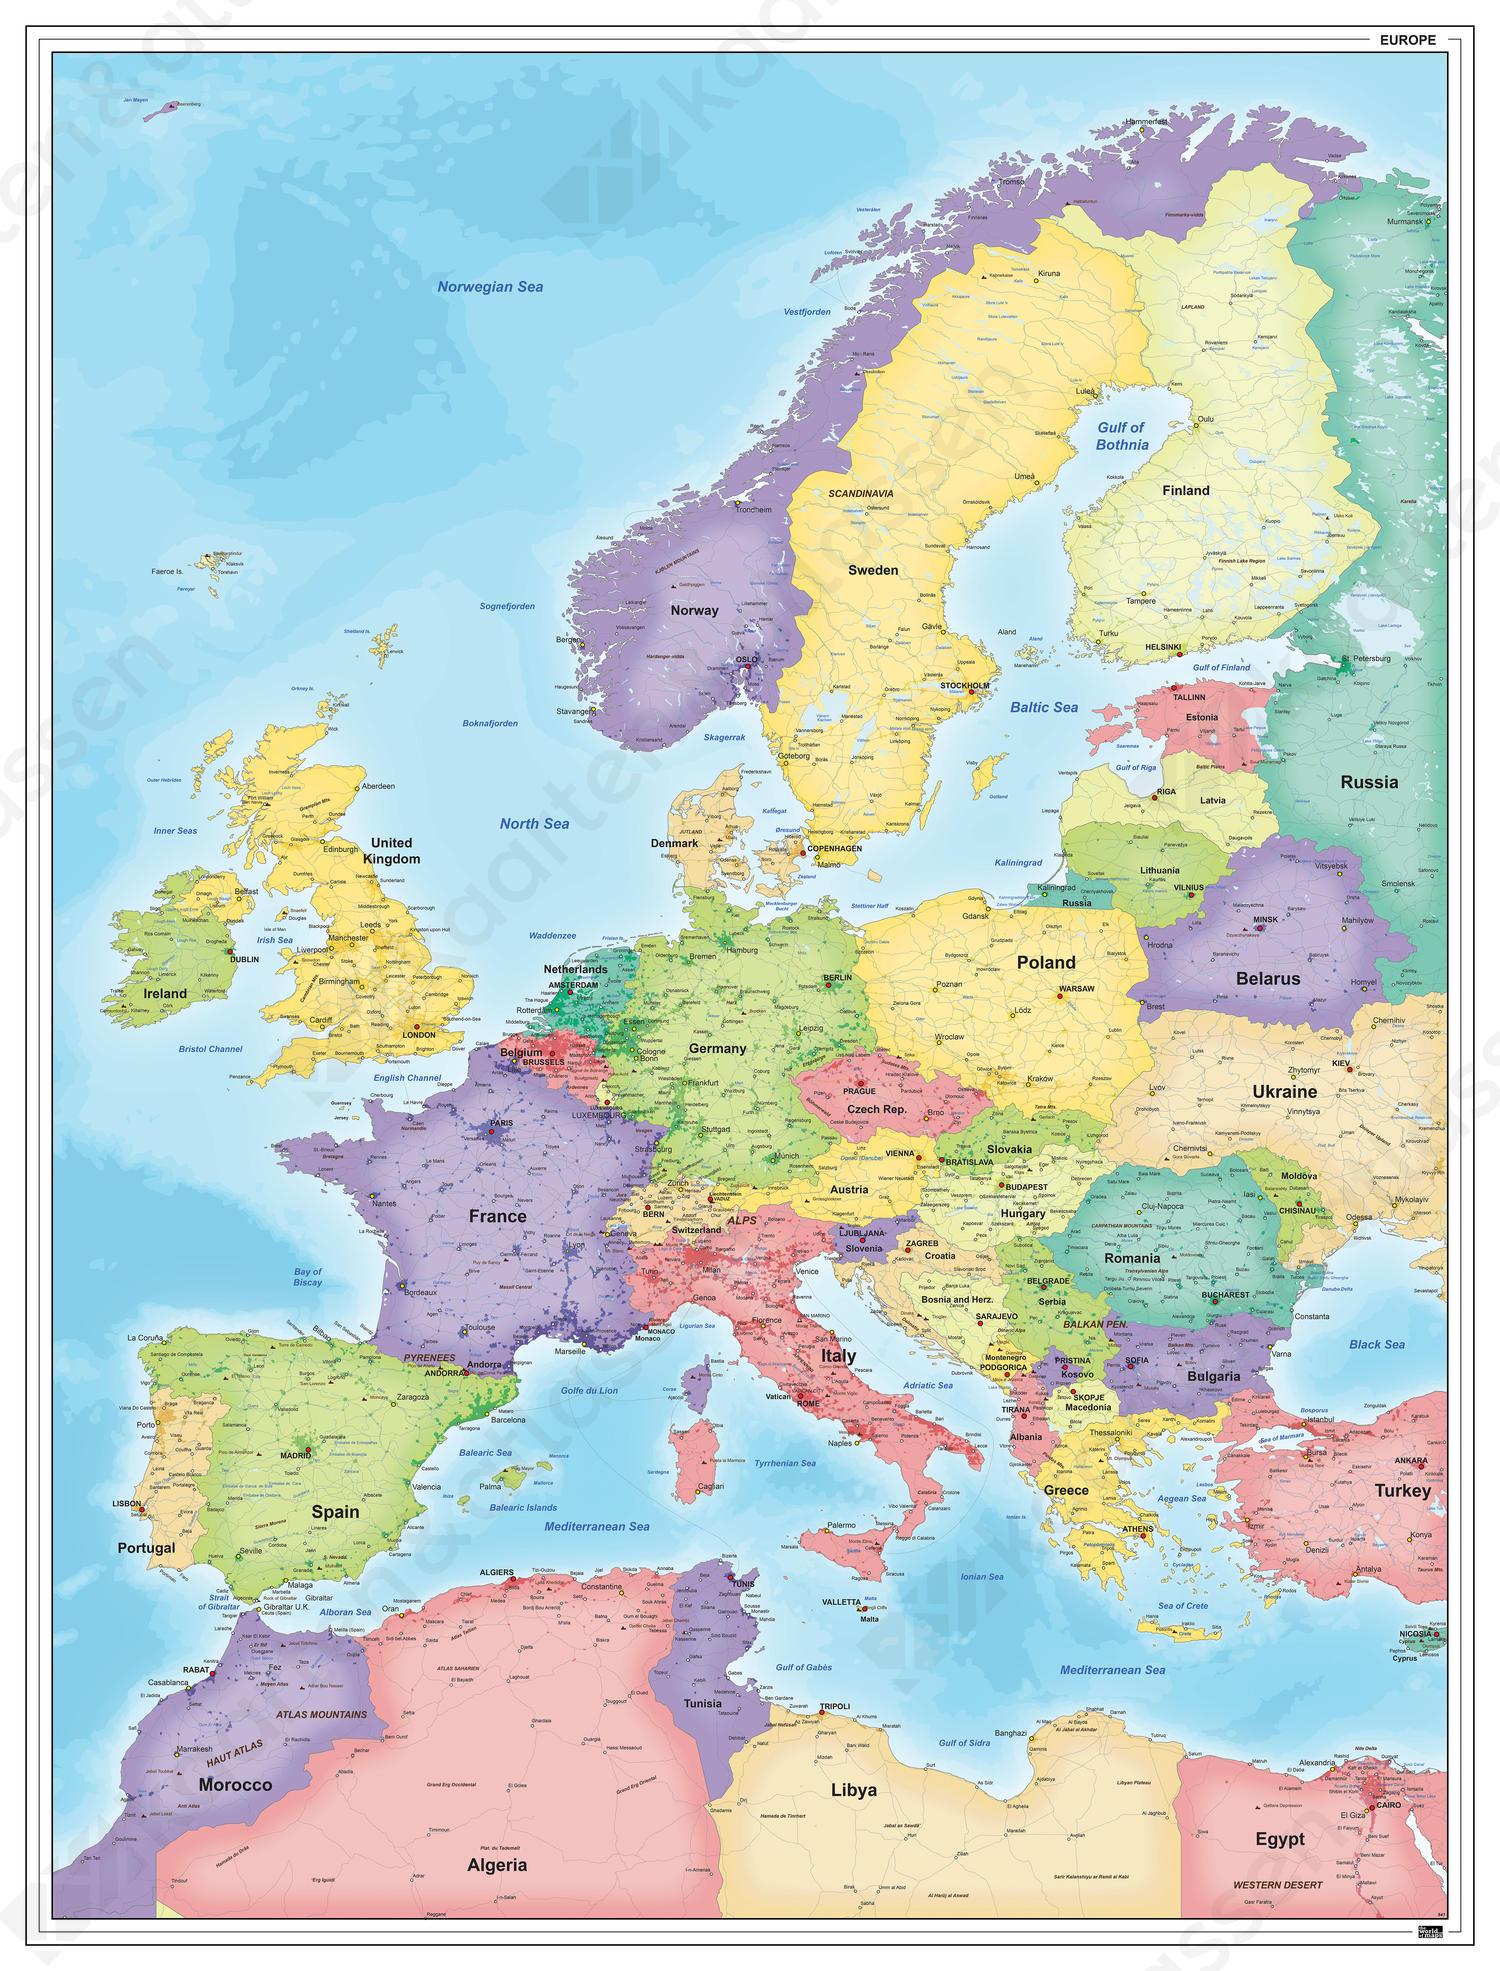 Europakaart 841 Kaarten En Atlassen Nl